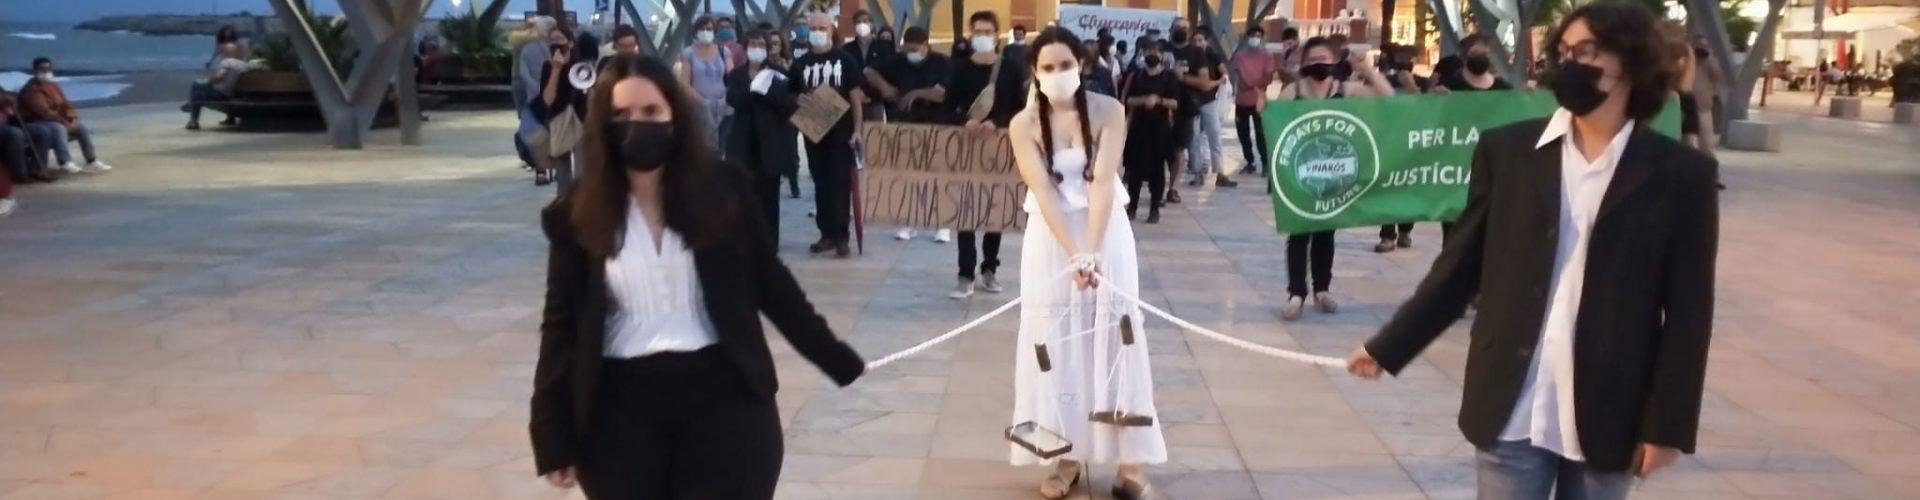 Fridays For Future Vinaròs torna al carrer amb un Judici pel Clima